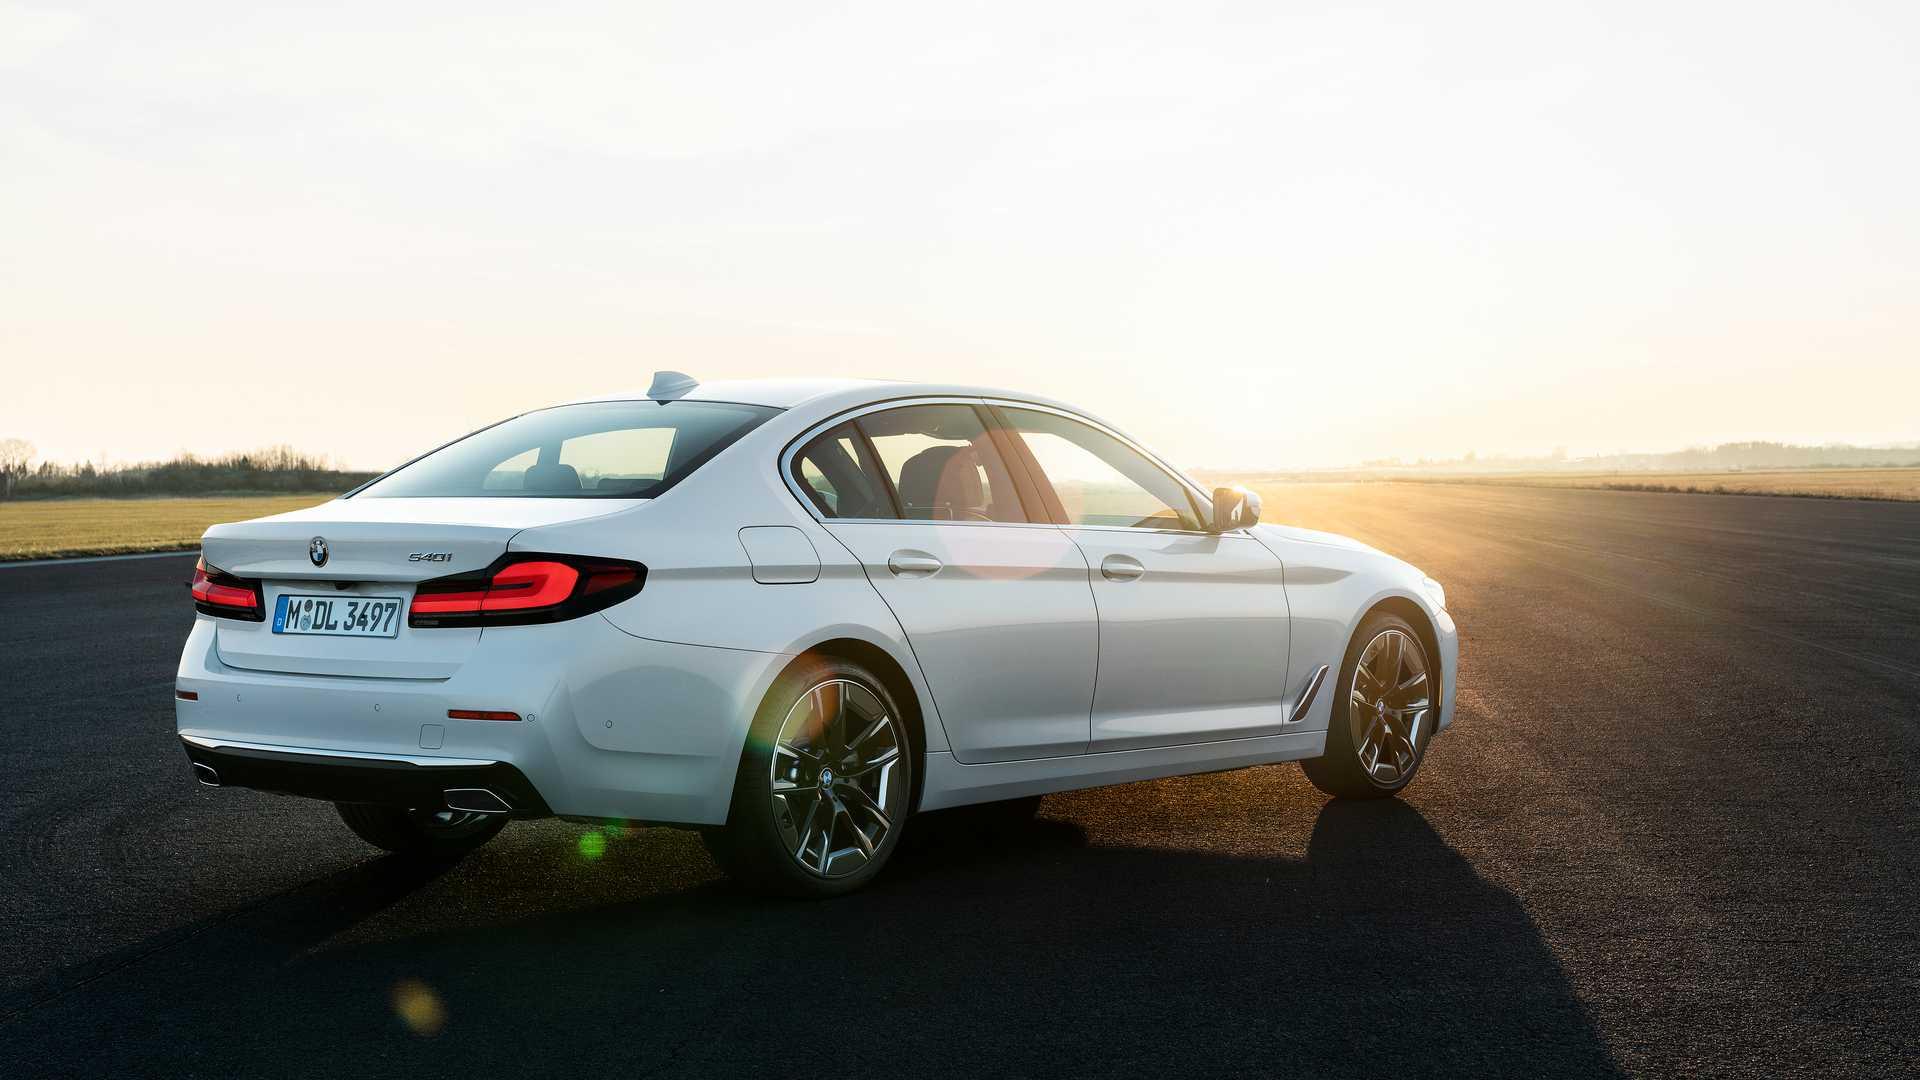 BMW serii 5 G30 2021 (lifting) - model 540i